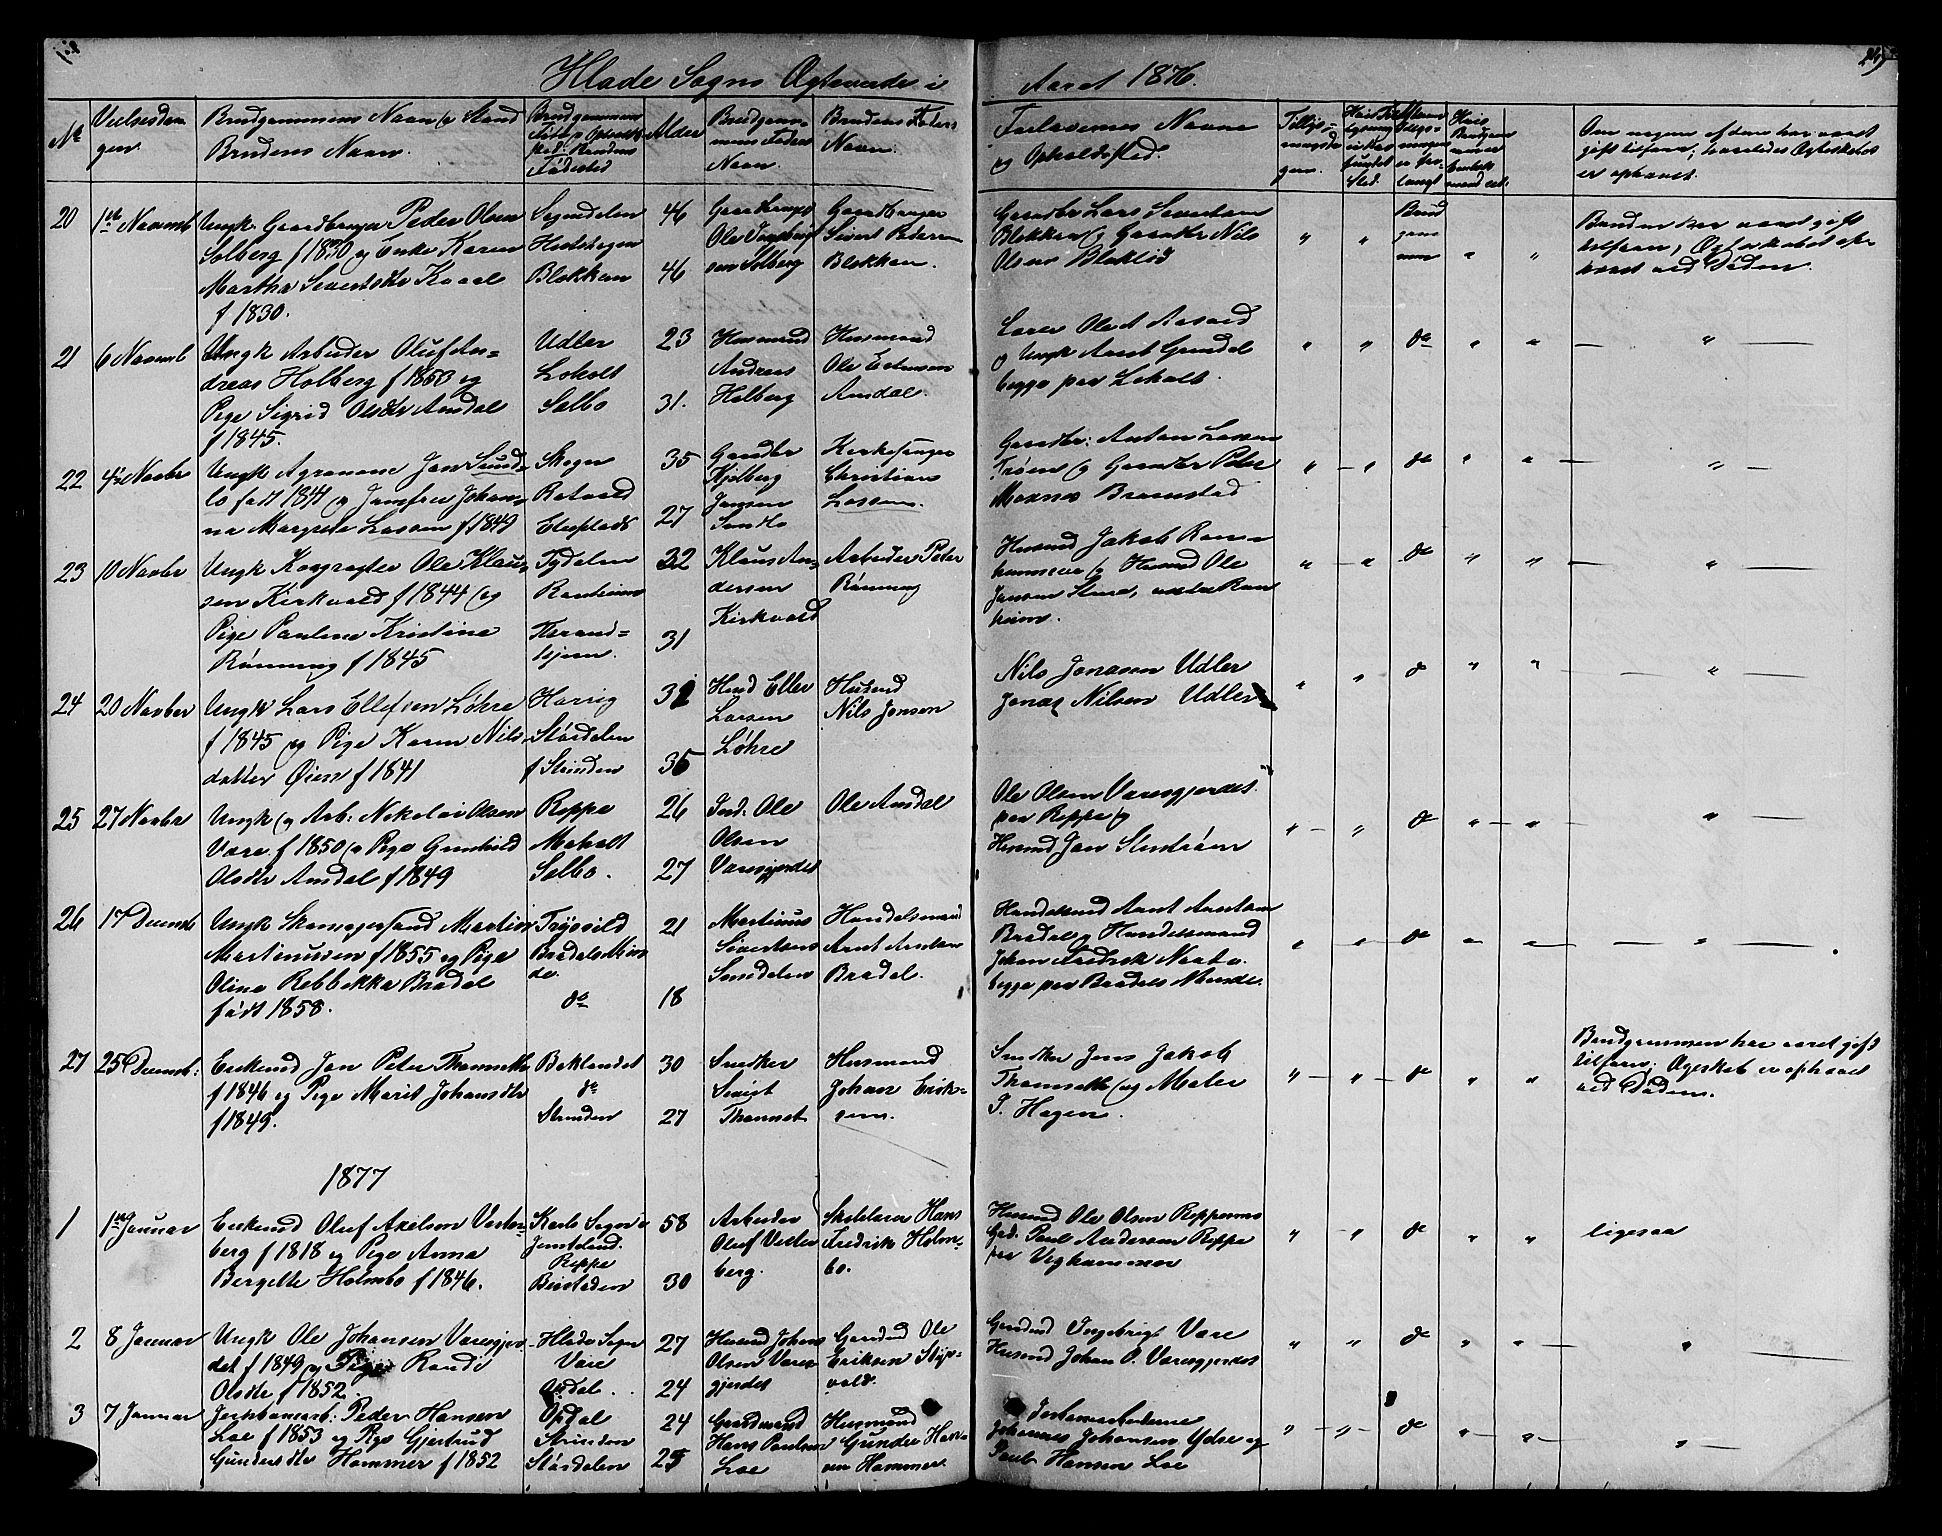 SAT, Ministerialprotokoller, klokkerbøker og fødselsregistre - Sør-Trøndelag, 606/L0311: Klokkerbok nr. 606C07, 1860-1877, s. 249